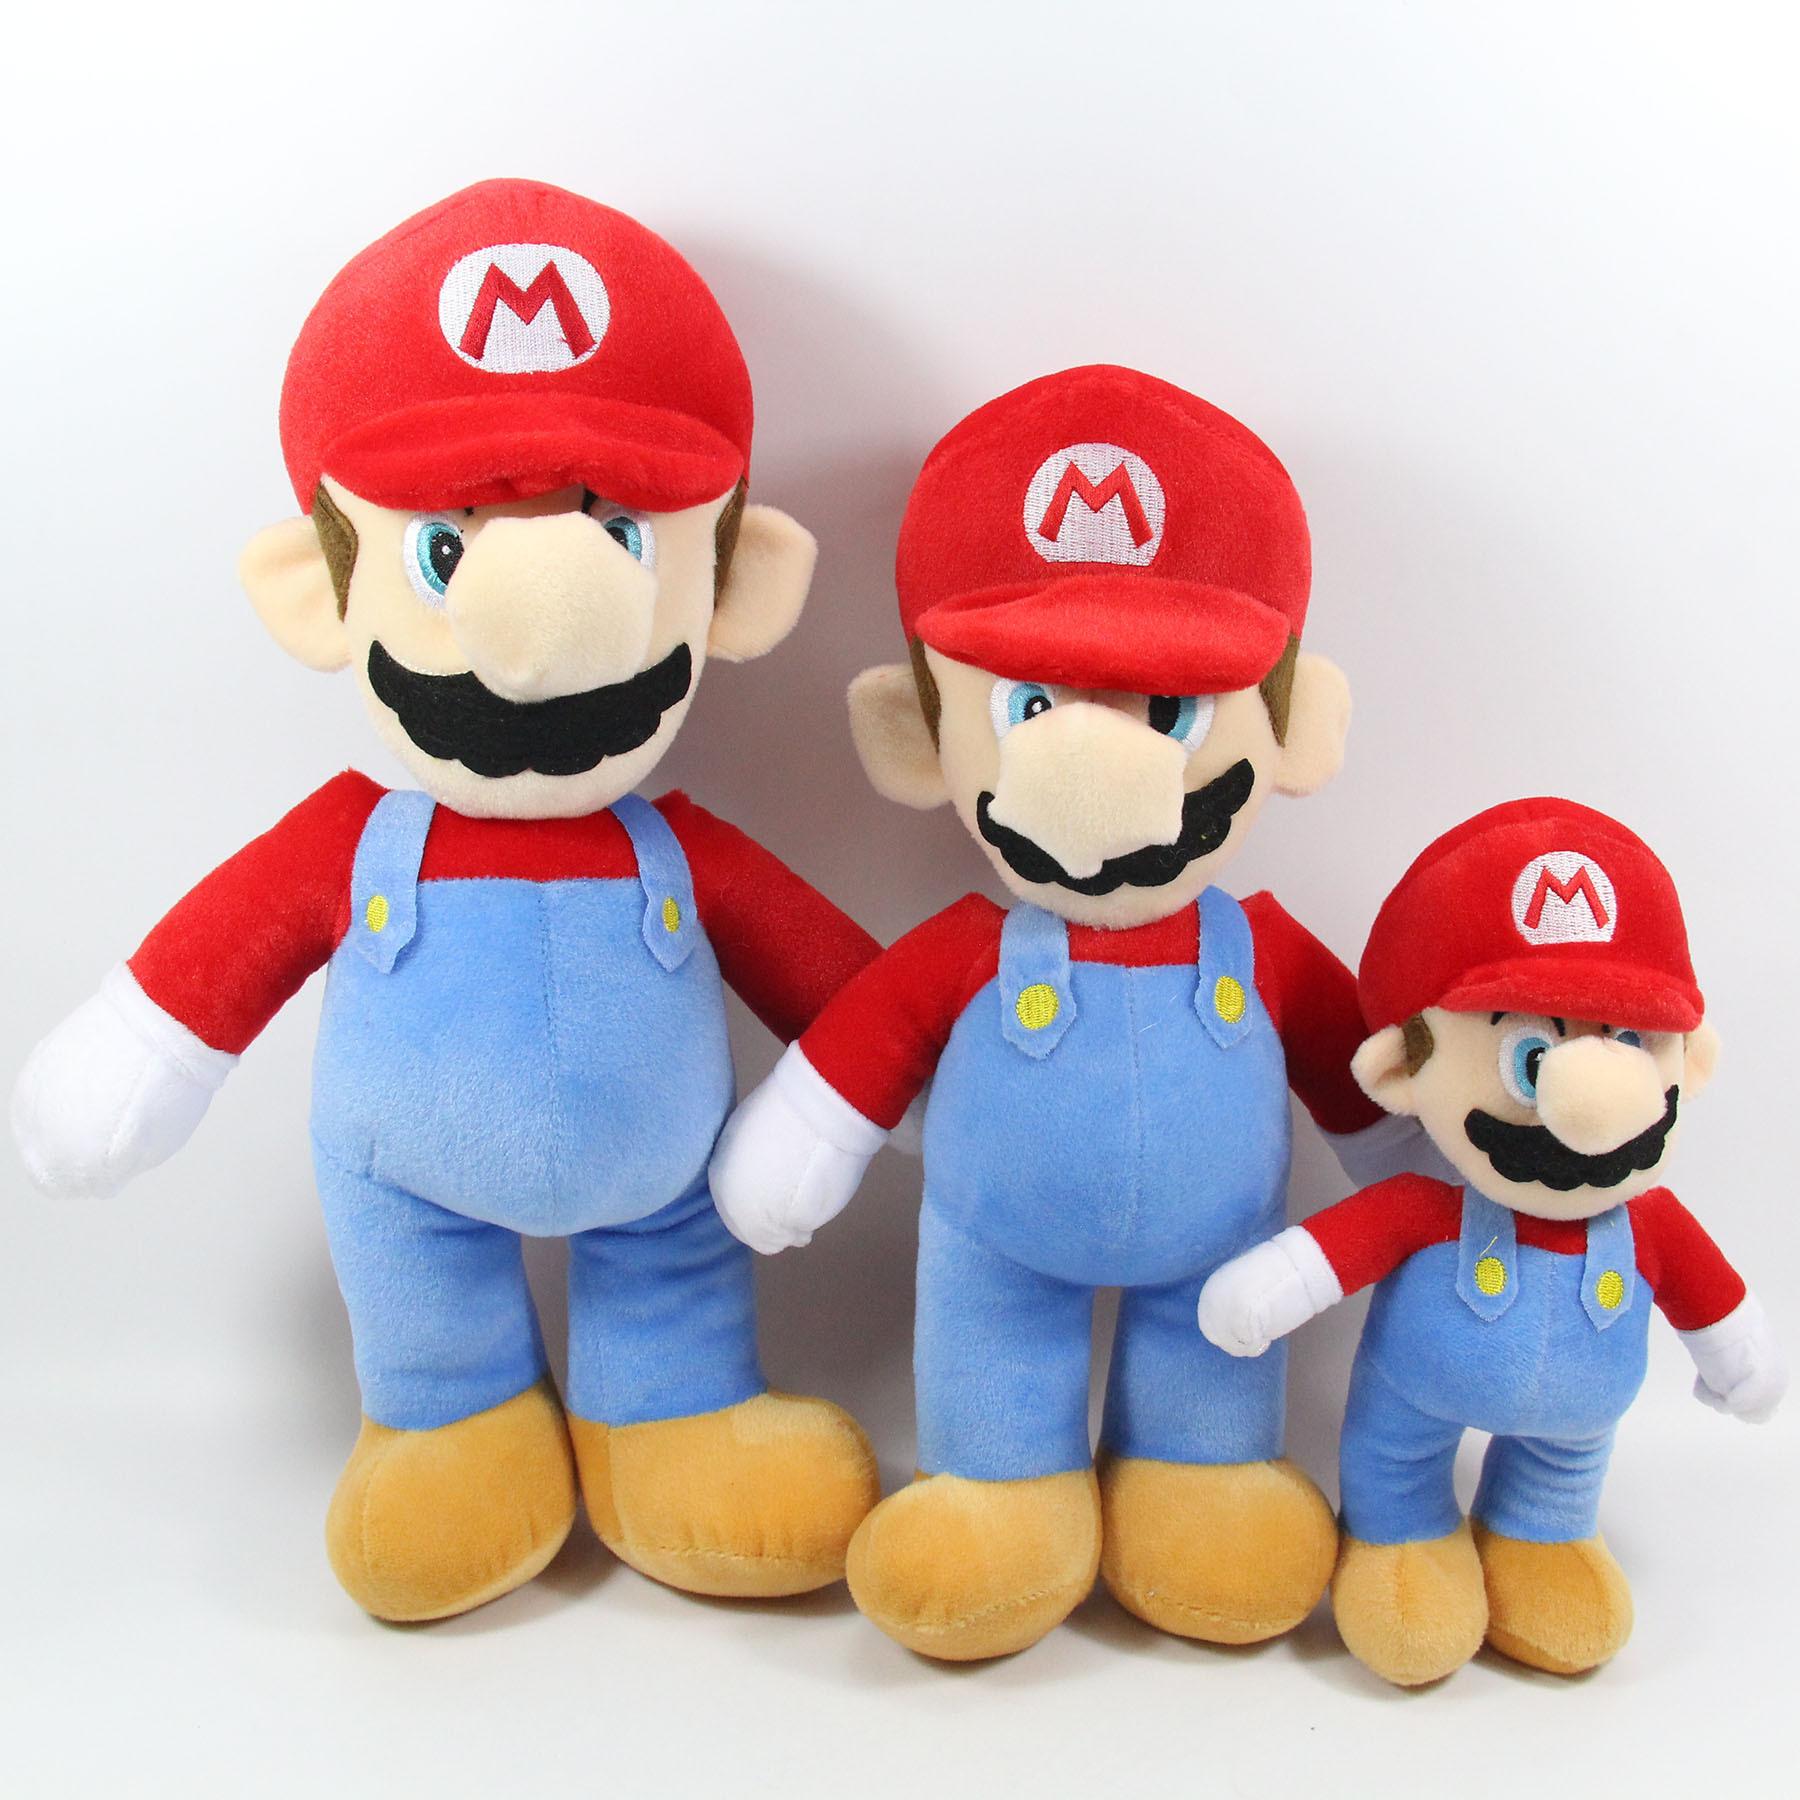 Cartoon animation peripheral game Mario Mario Station Mario plush doll children's toy gift